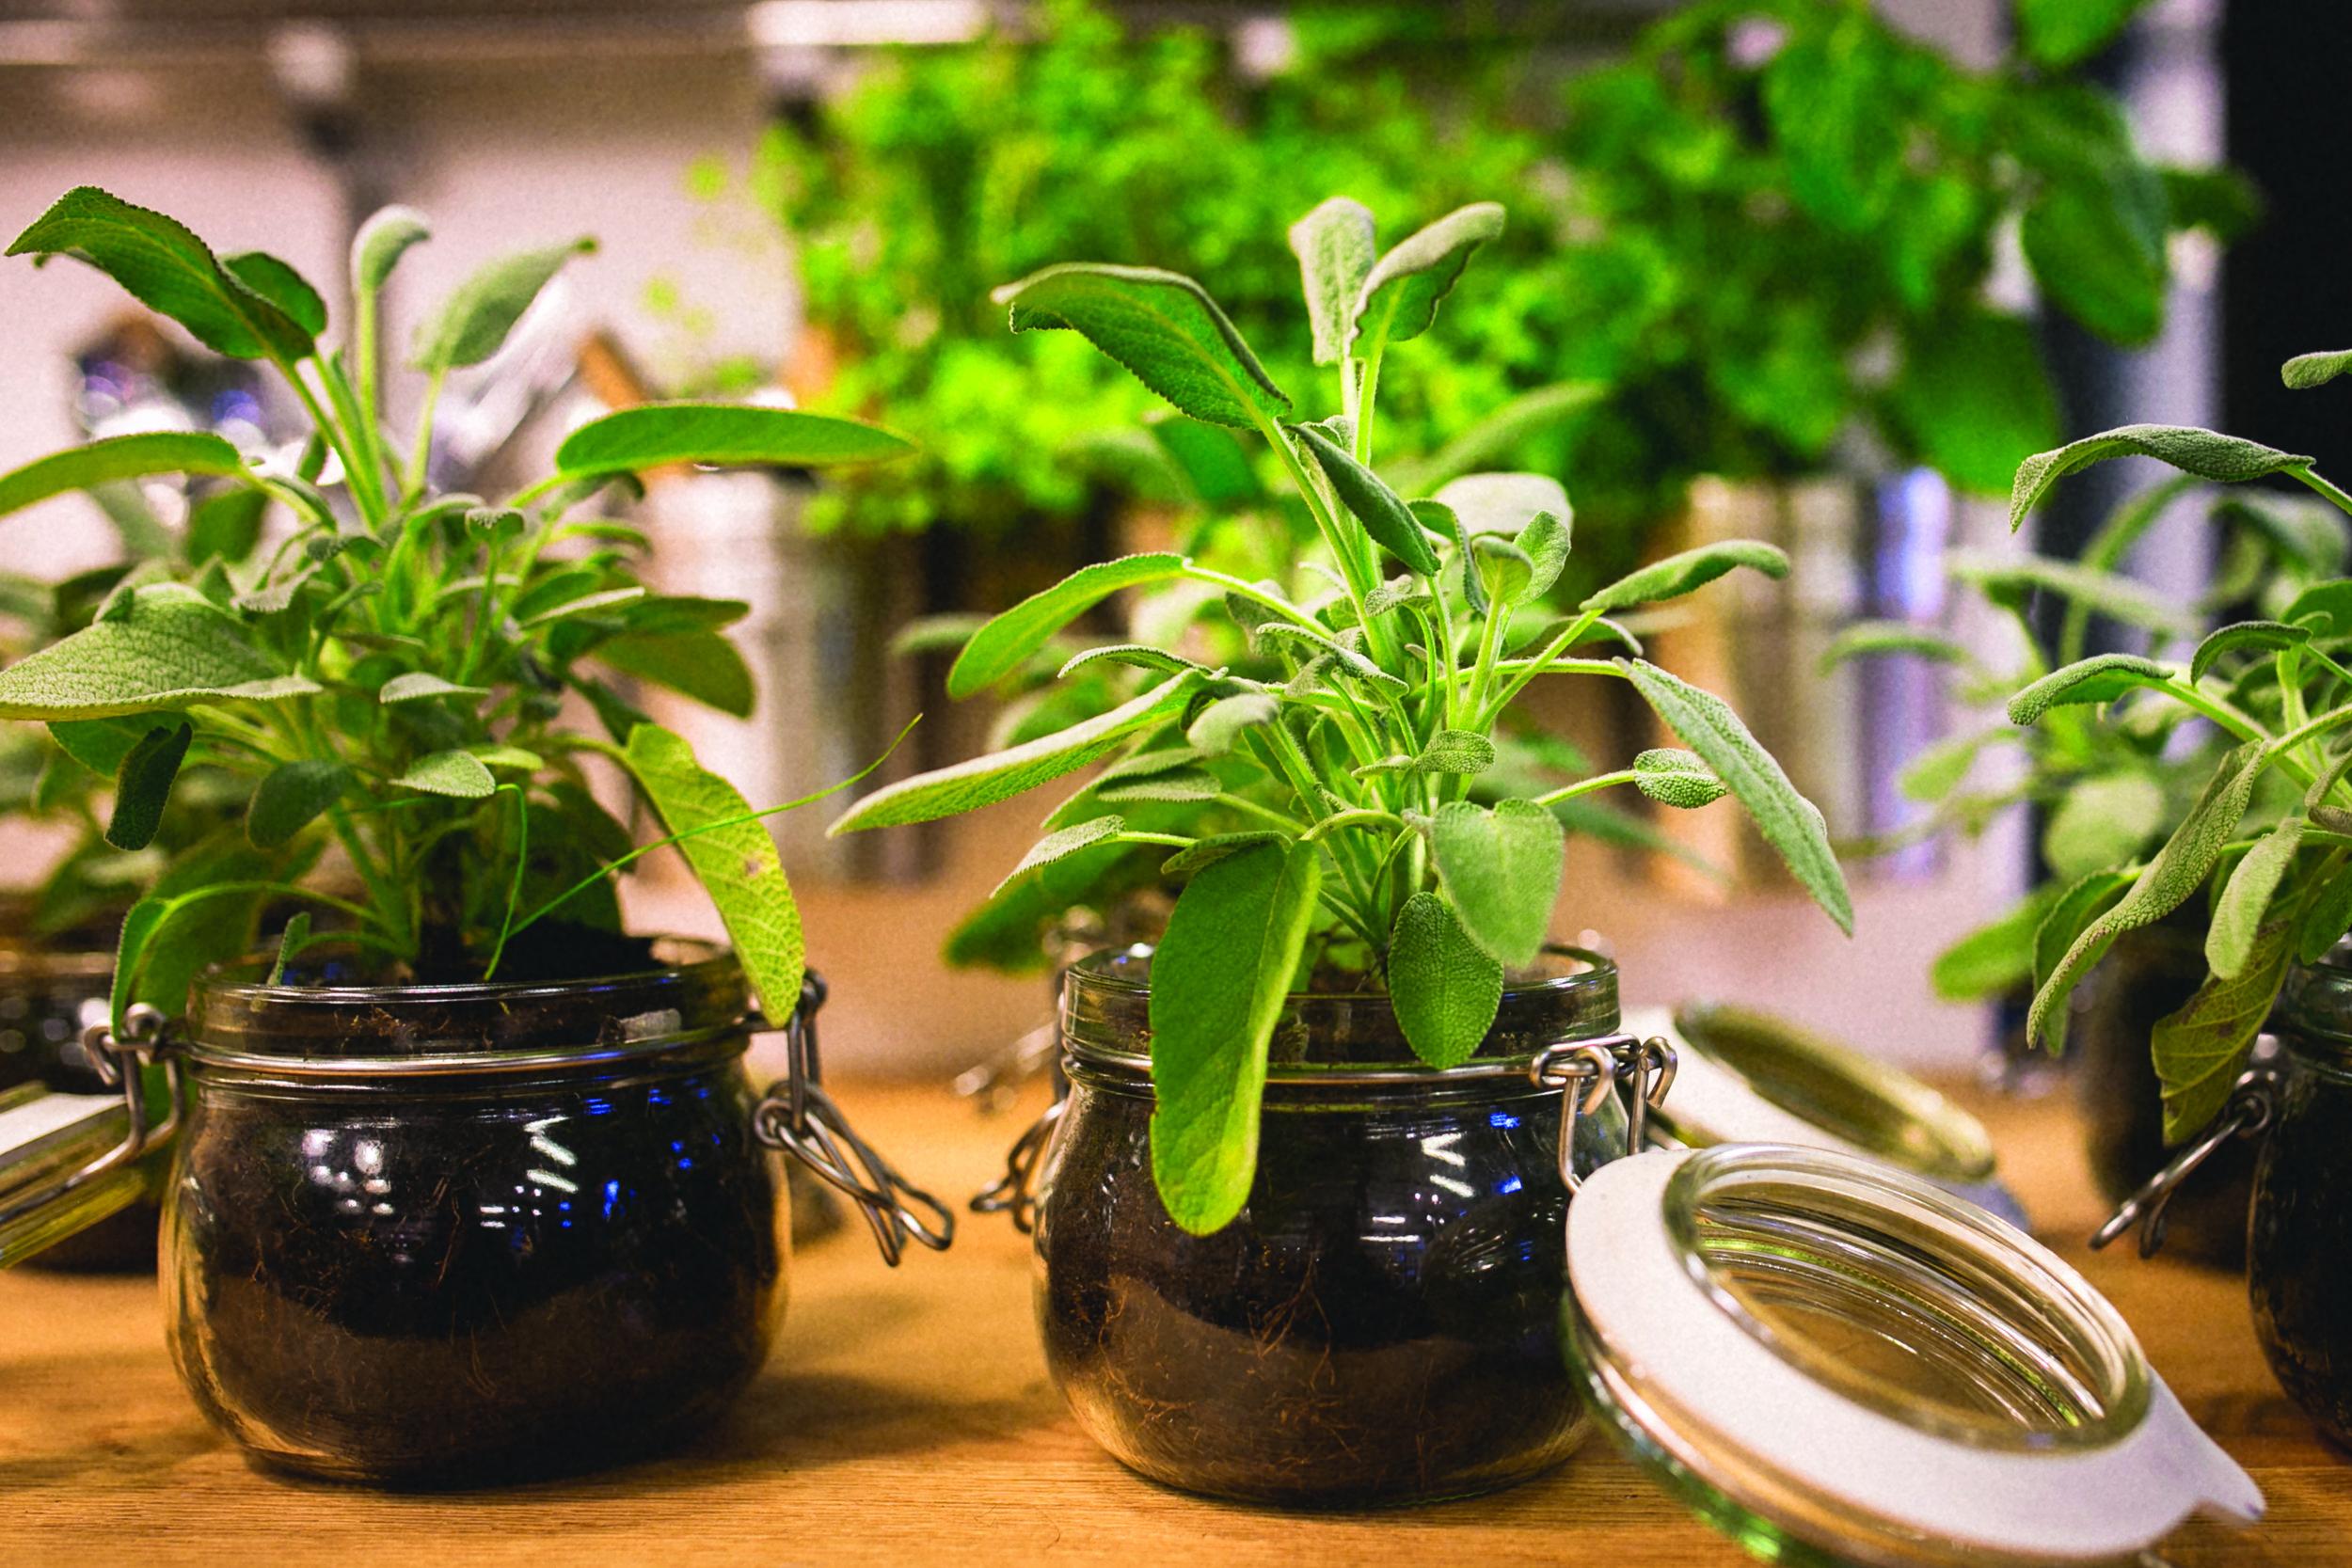 Herb plants in jars .jpg